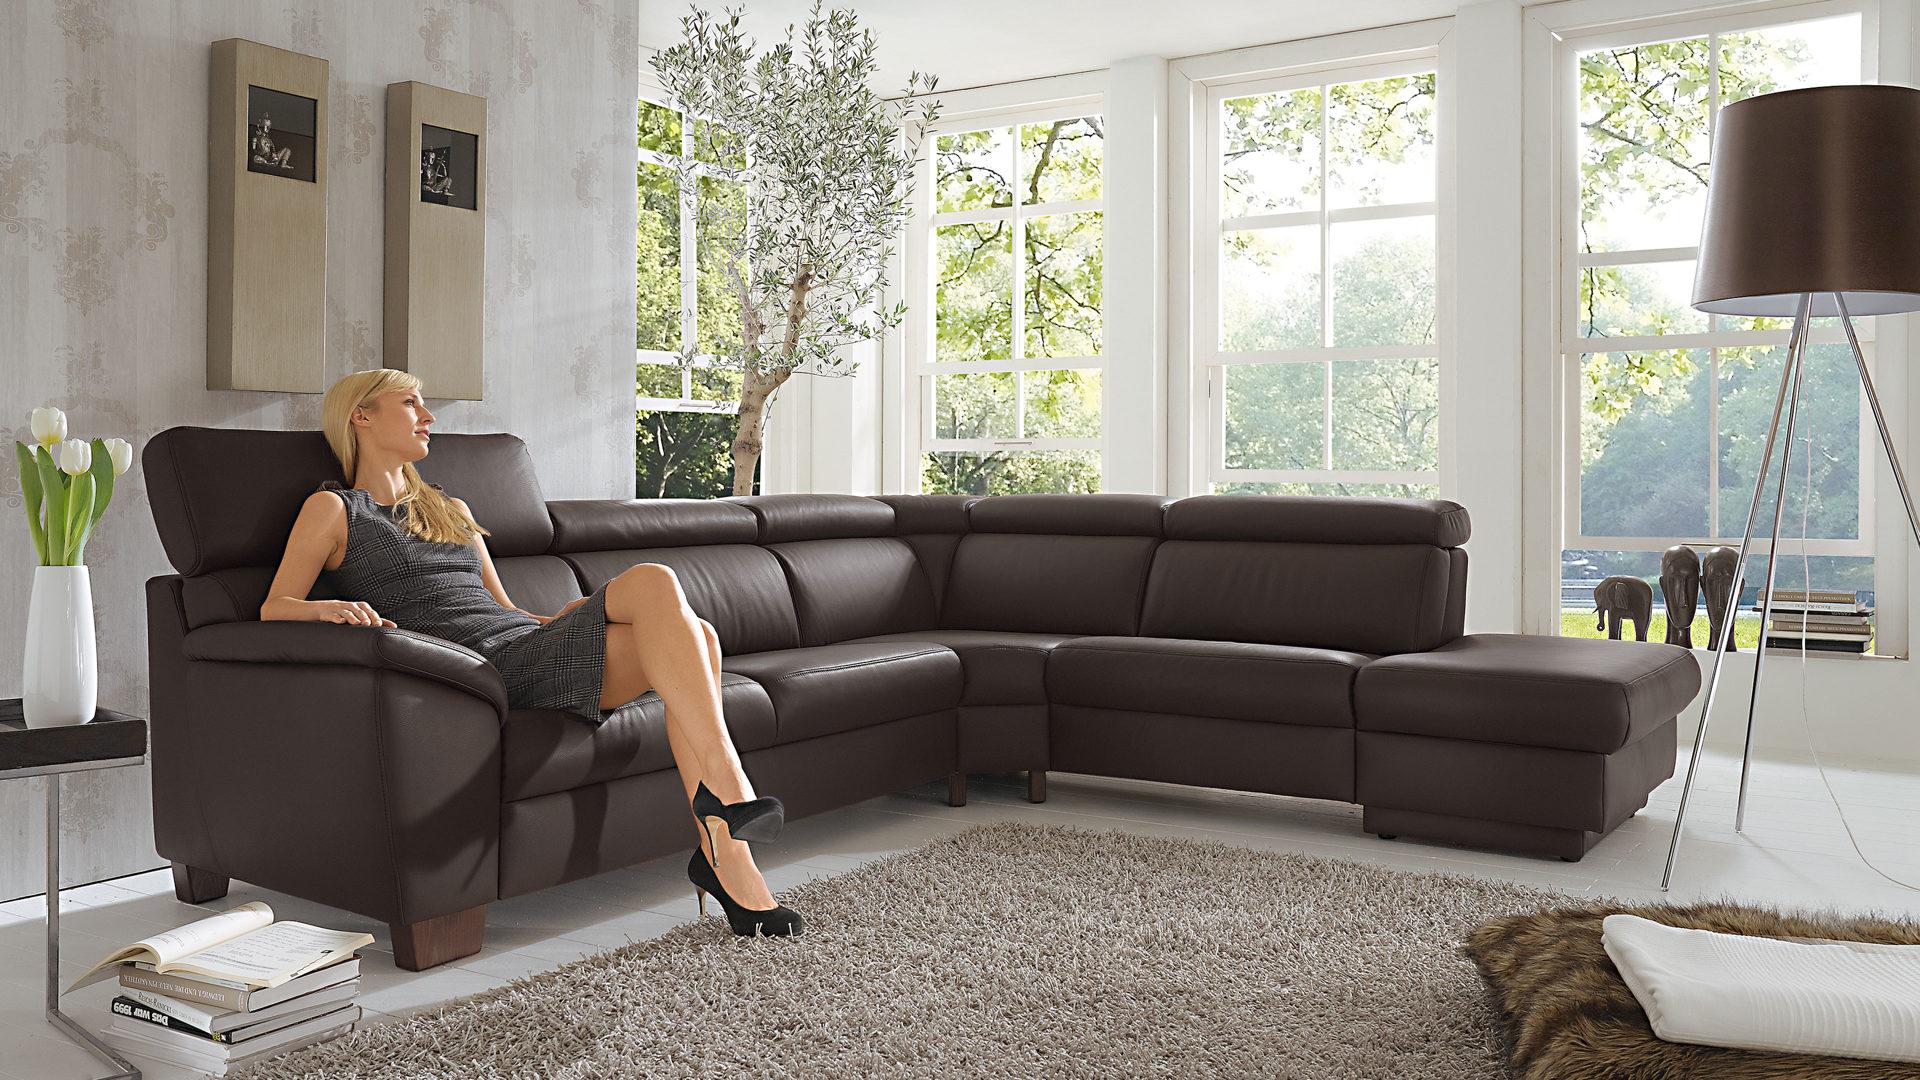 möbel eilers apen | räume | wohnzimmer | sofas + couches ... - Wohnzimmer Sofa Braun